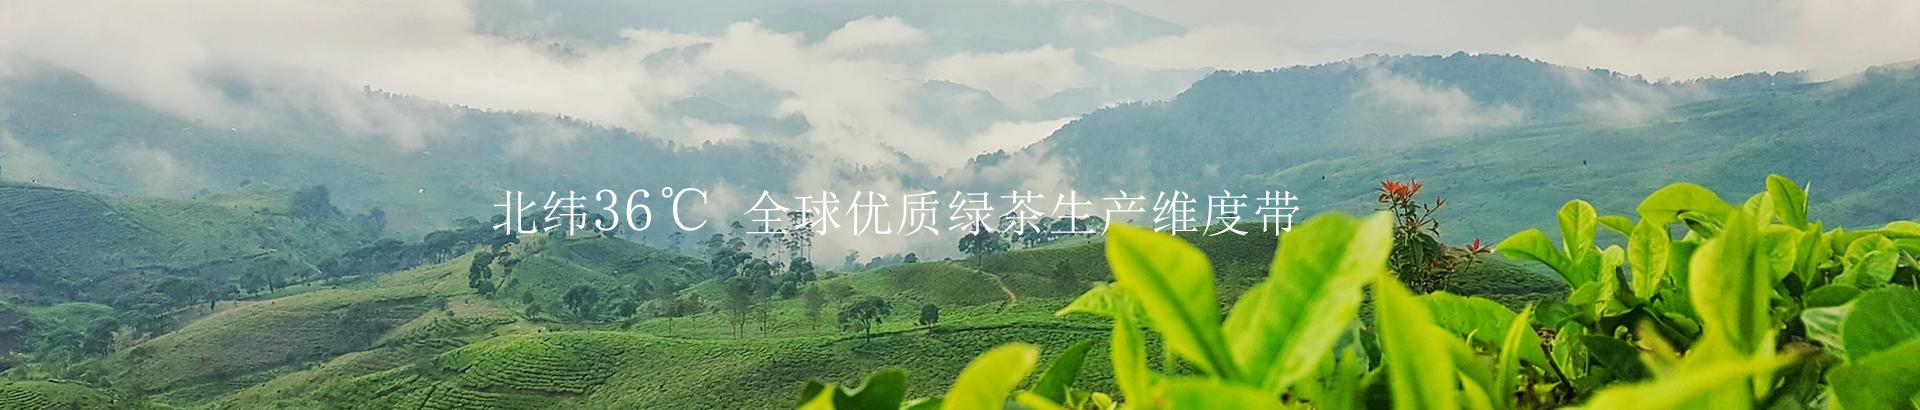 超级富农_豌青茶业官方网站